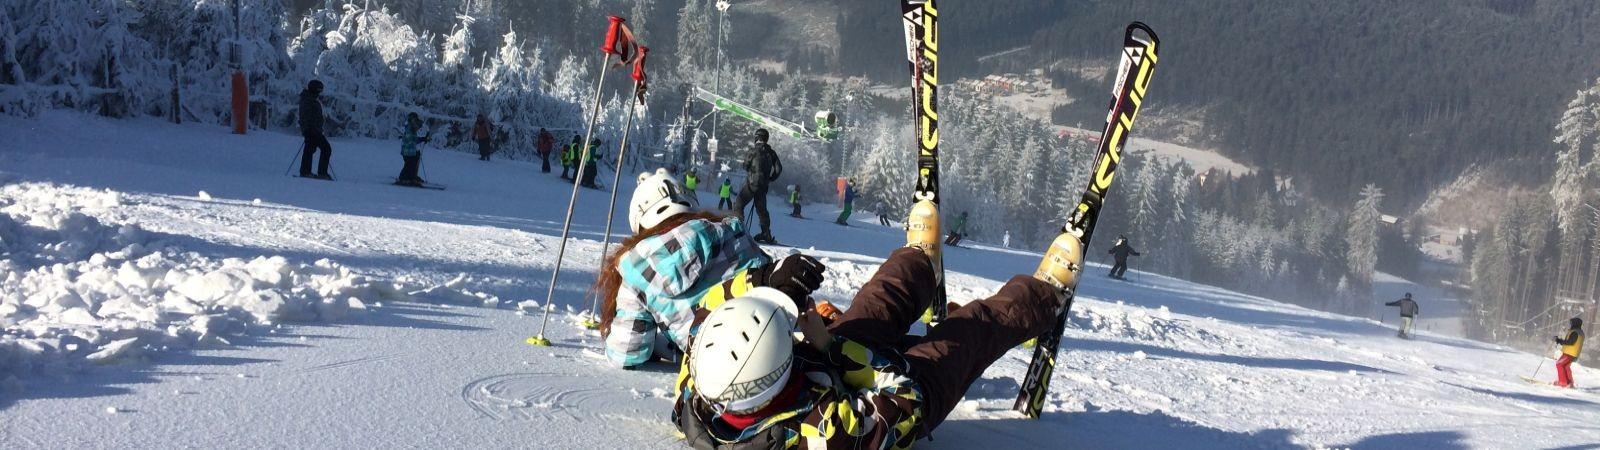 Sport/zajęcia zimowe